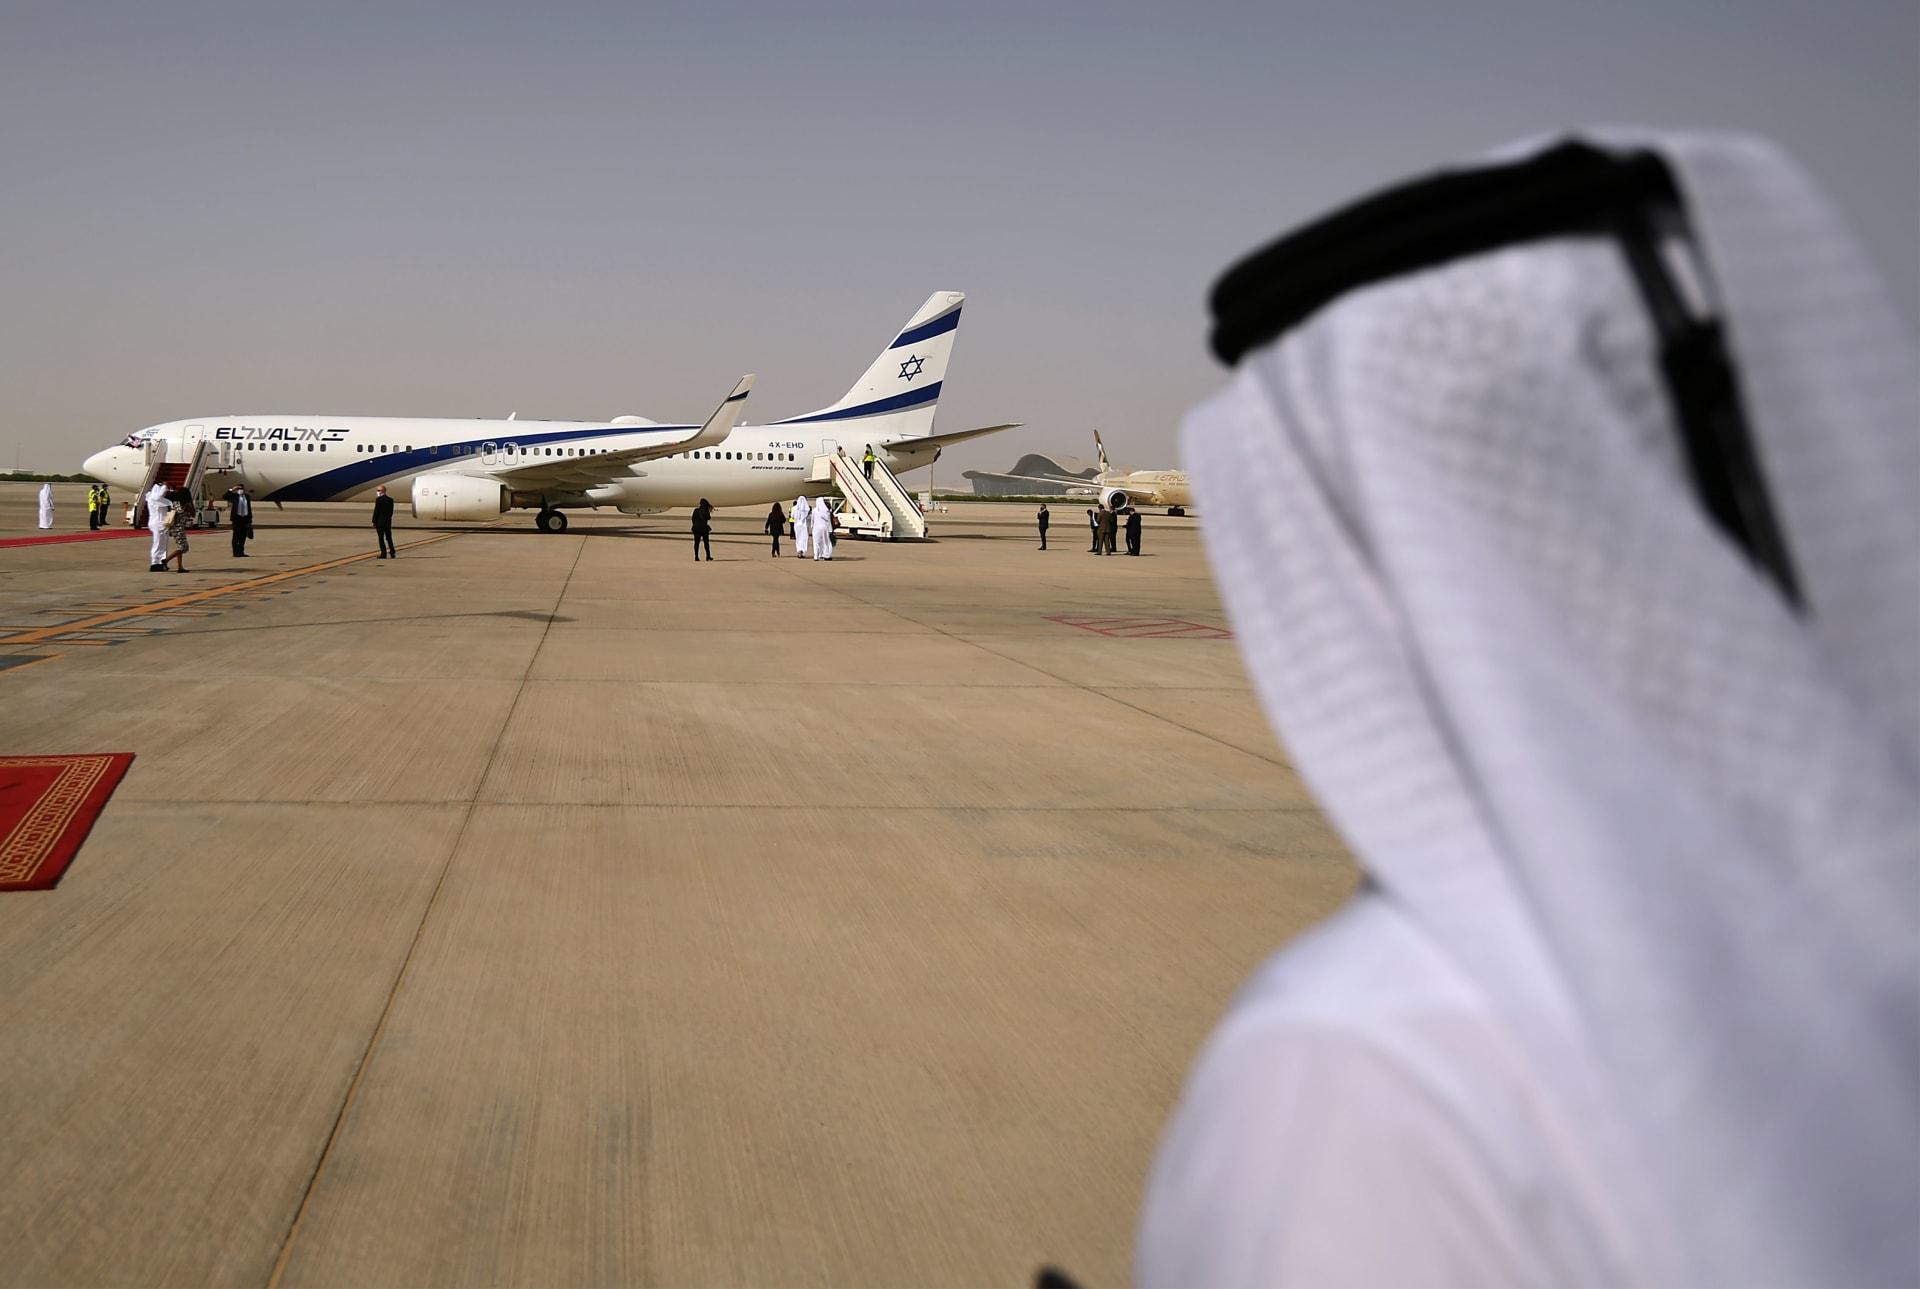 """أراده مسؤولون في البيت الأبيض قريبا من ذكرى """"أوسلو"""".. تحديد موعد التوقيع على اتفاق الإمارات وإسرائيل"""